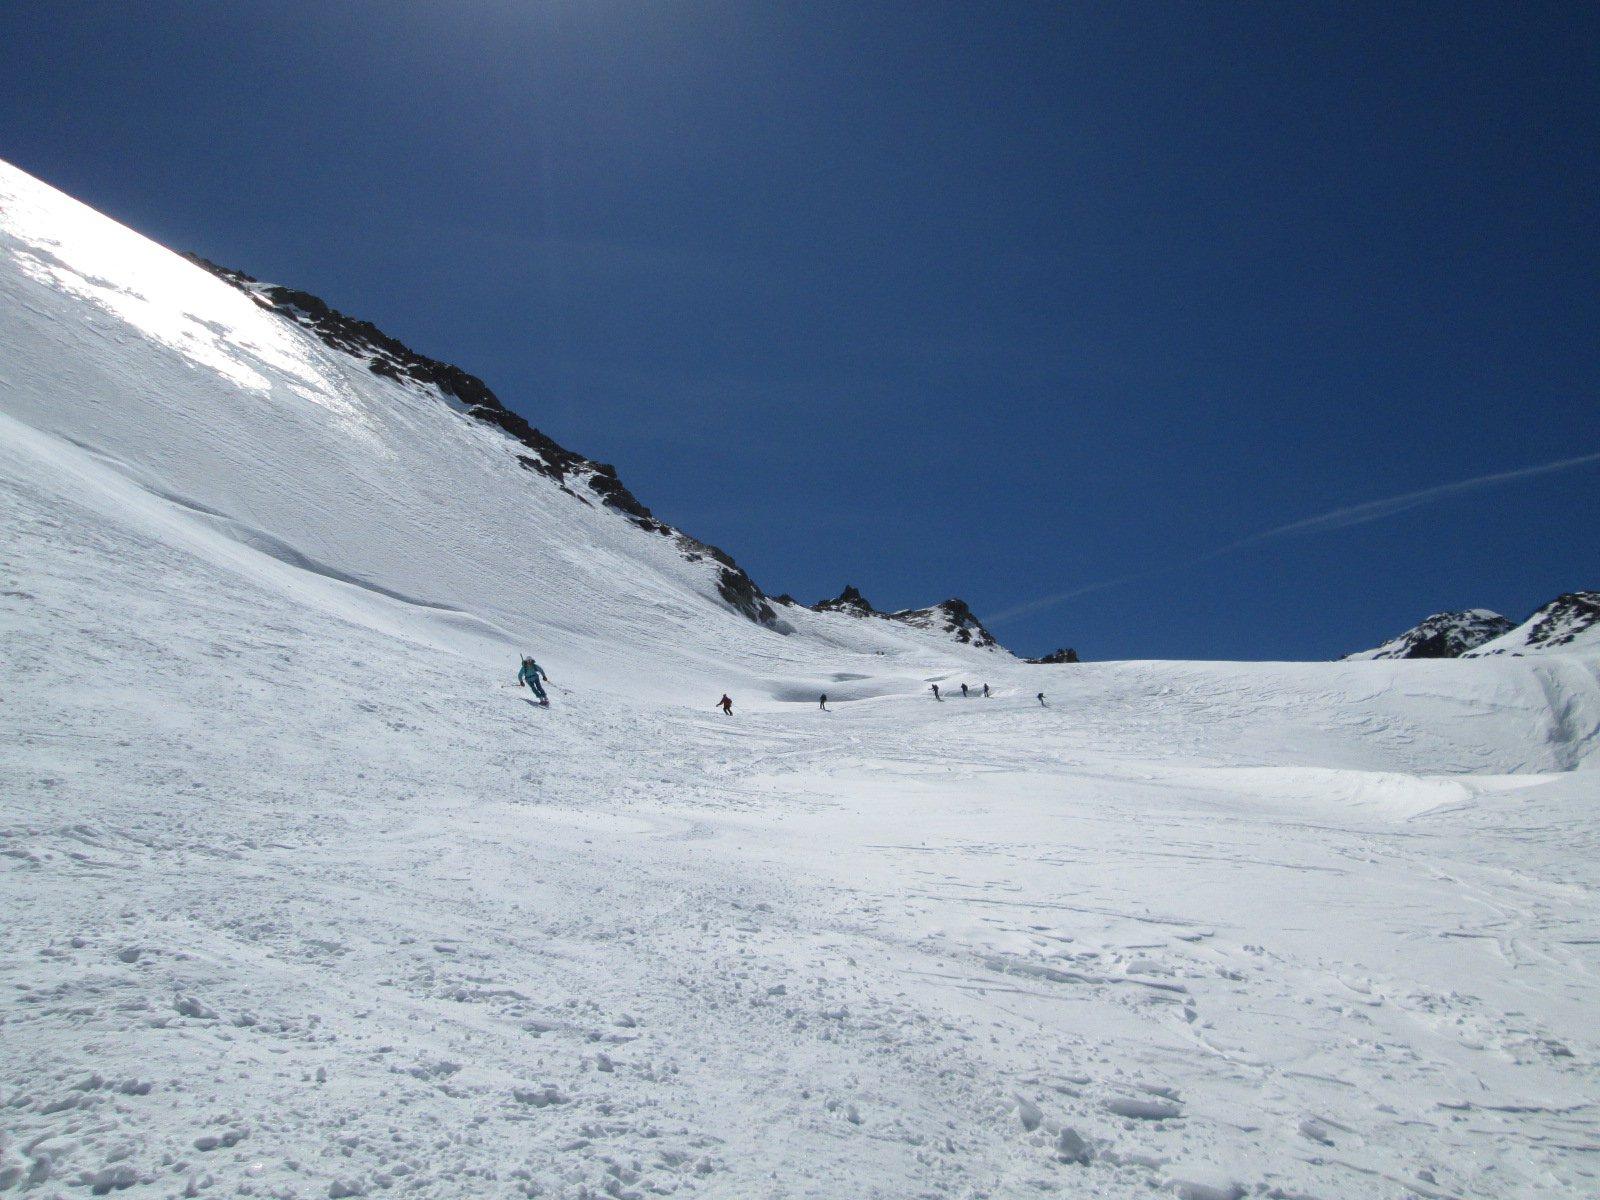 sotto il colle, la neve è molto più bella